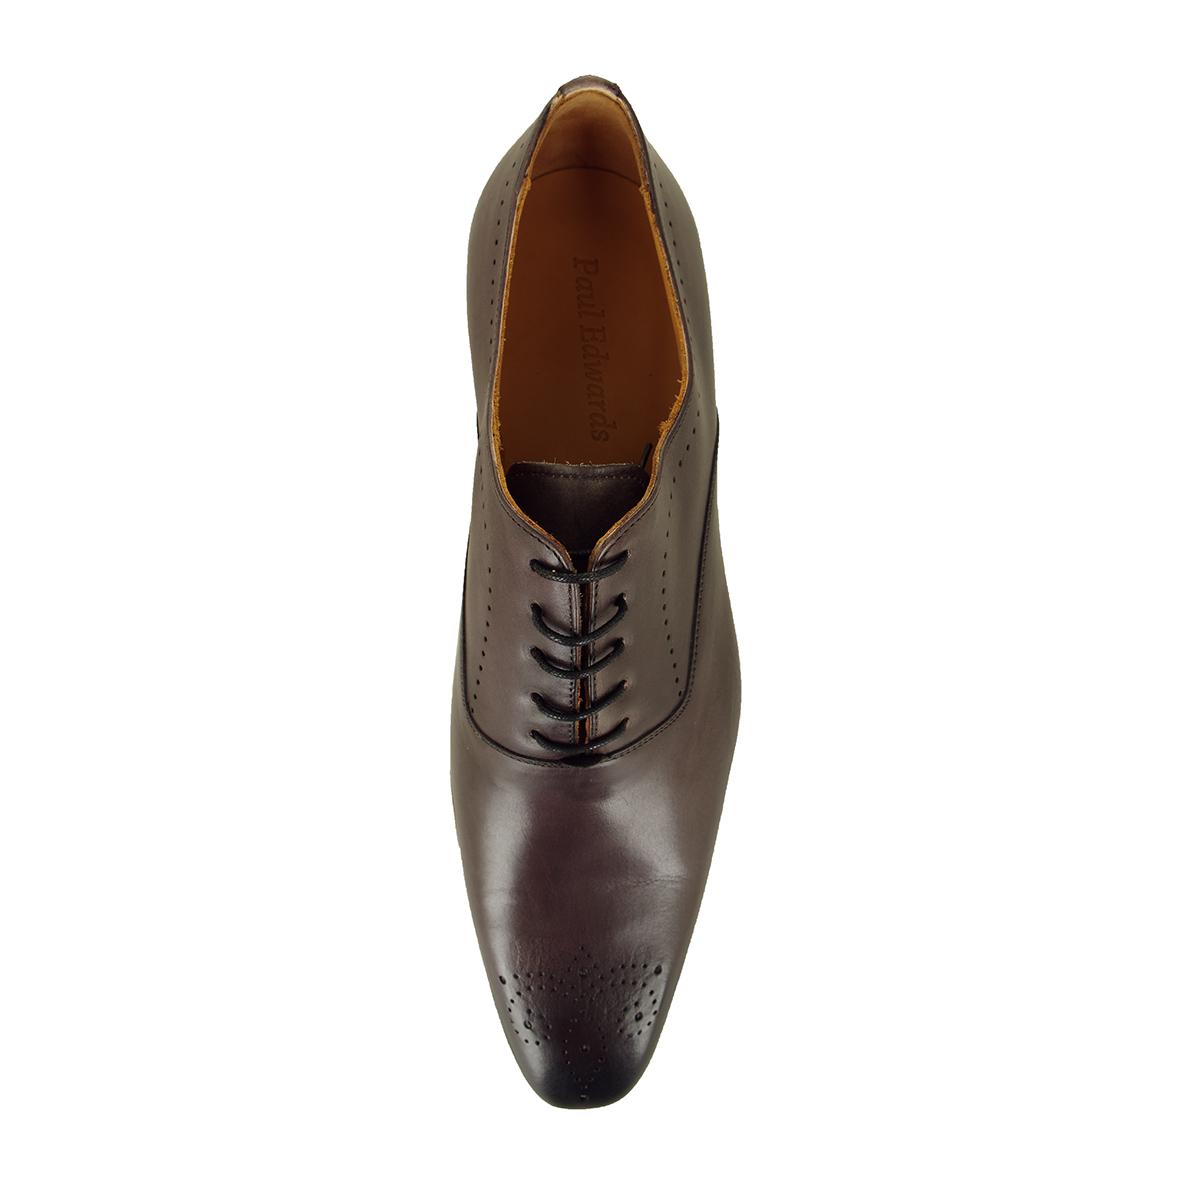 Chaussures richelieu en cuir Paul Edwards grande taille grises